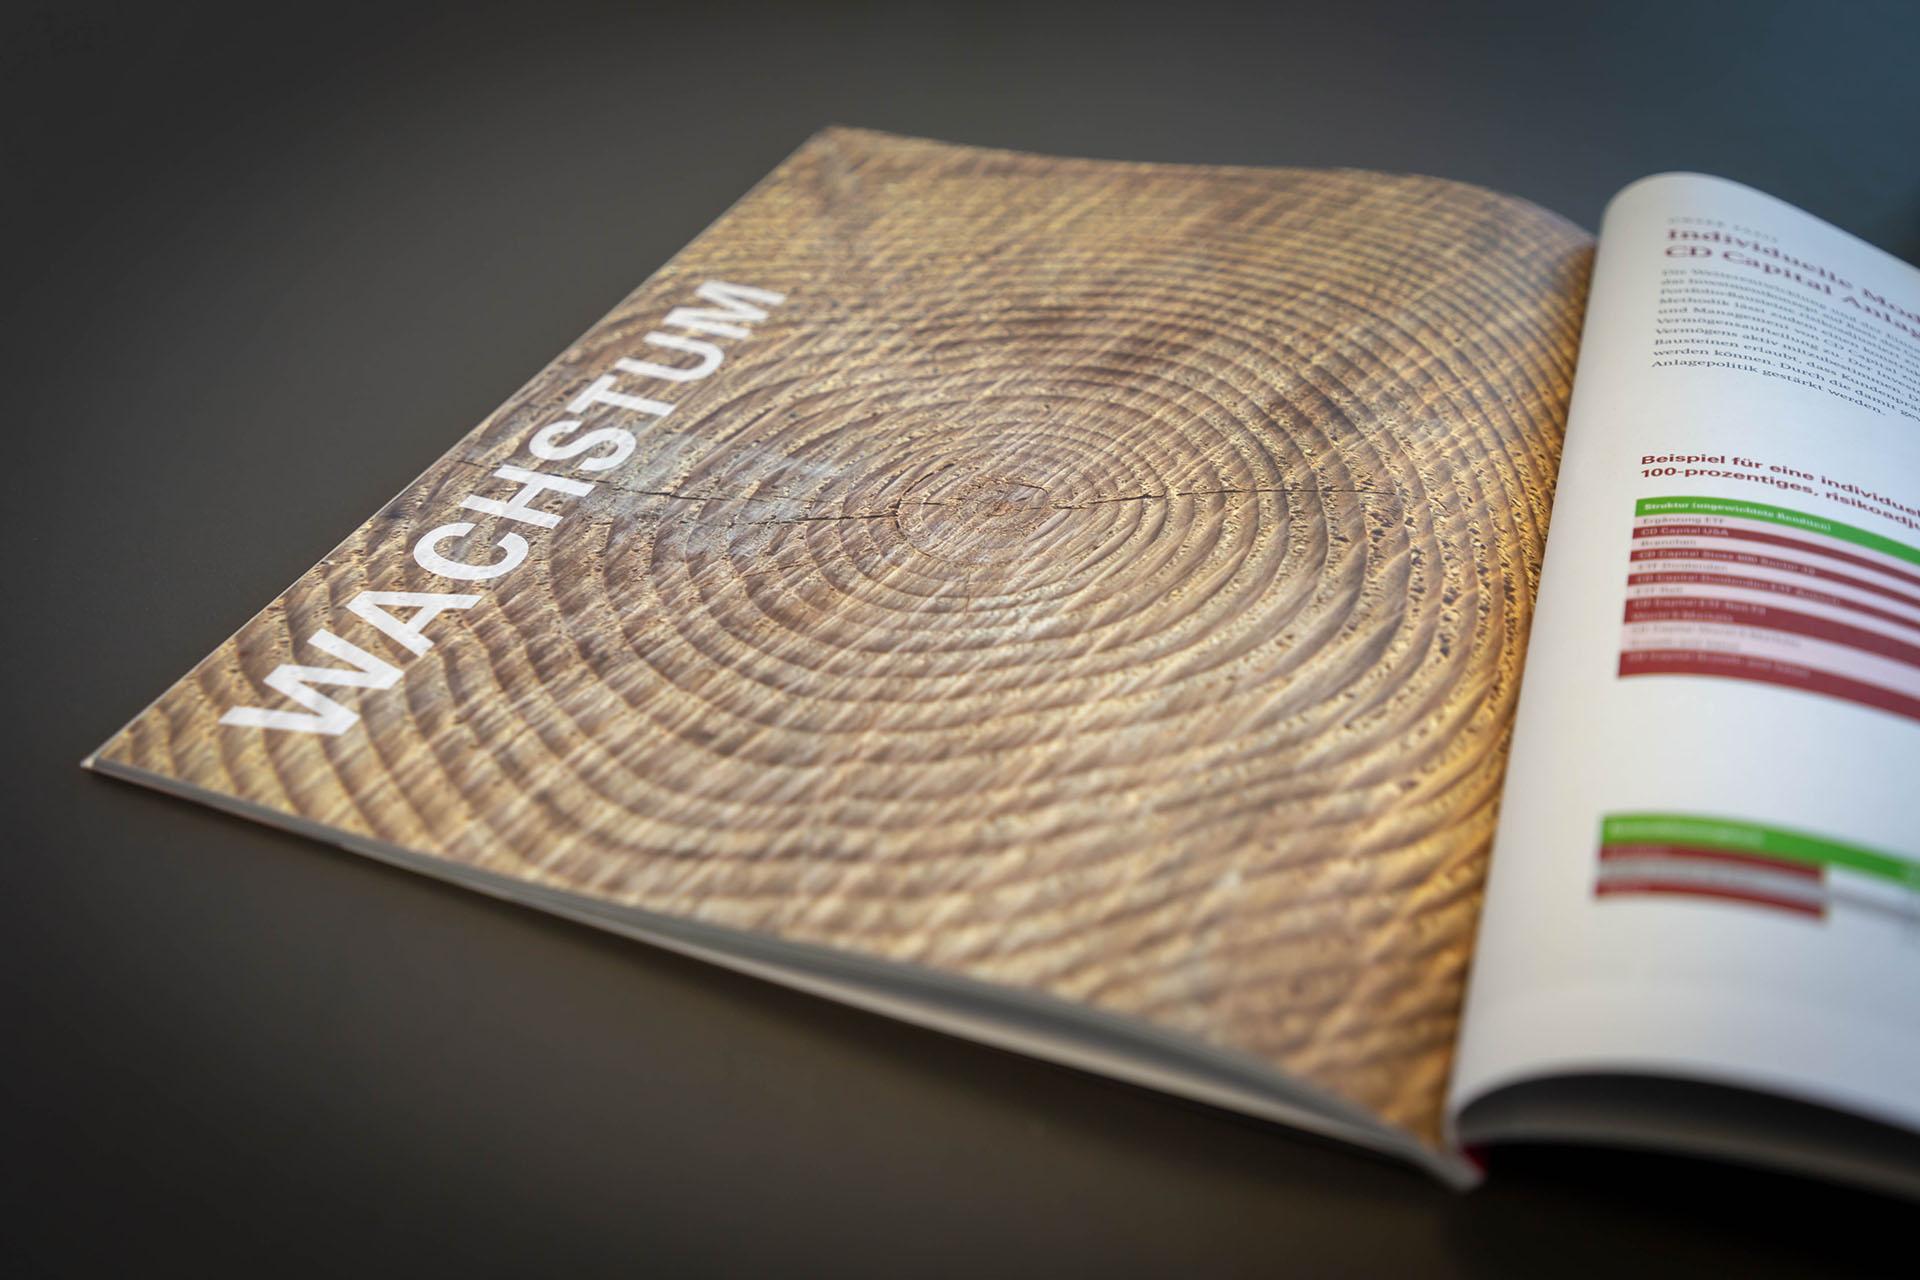 cd capital investment compendium 02 - Diskreter Auftritt mit auffallend schöner Broschüre – Corporate Design, Grafikdesign, Kommunikationsdesign, Branding, Markenentwicklung, Editorial Design